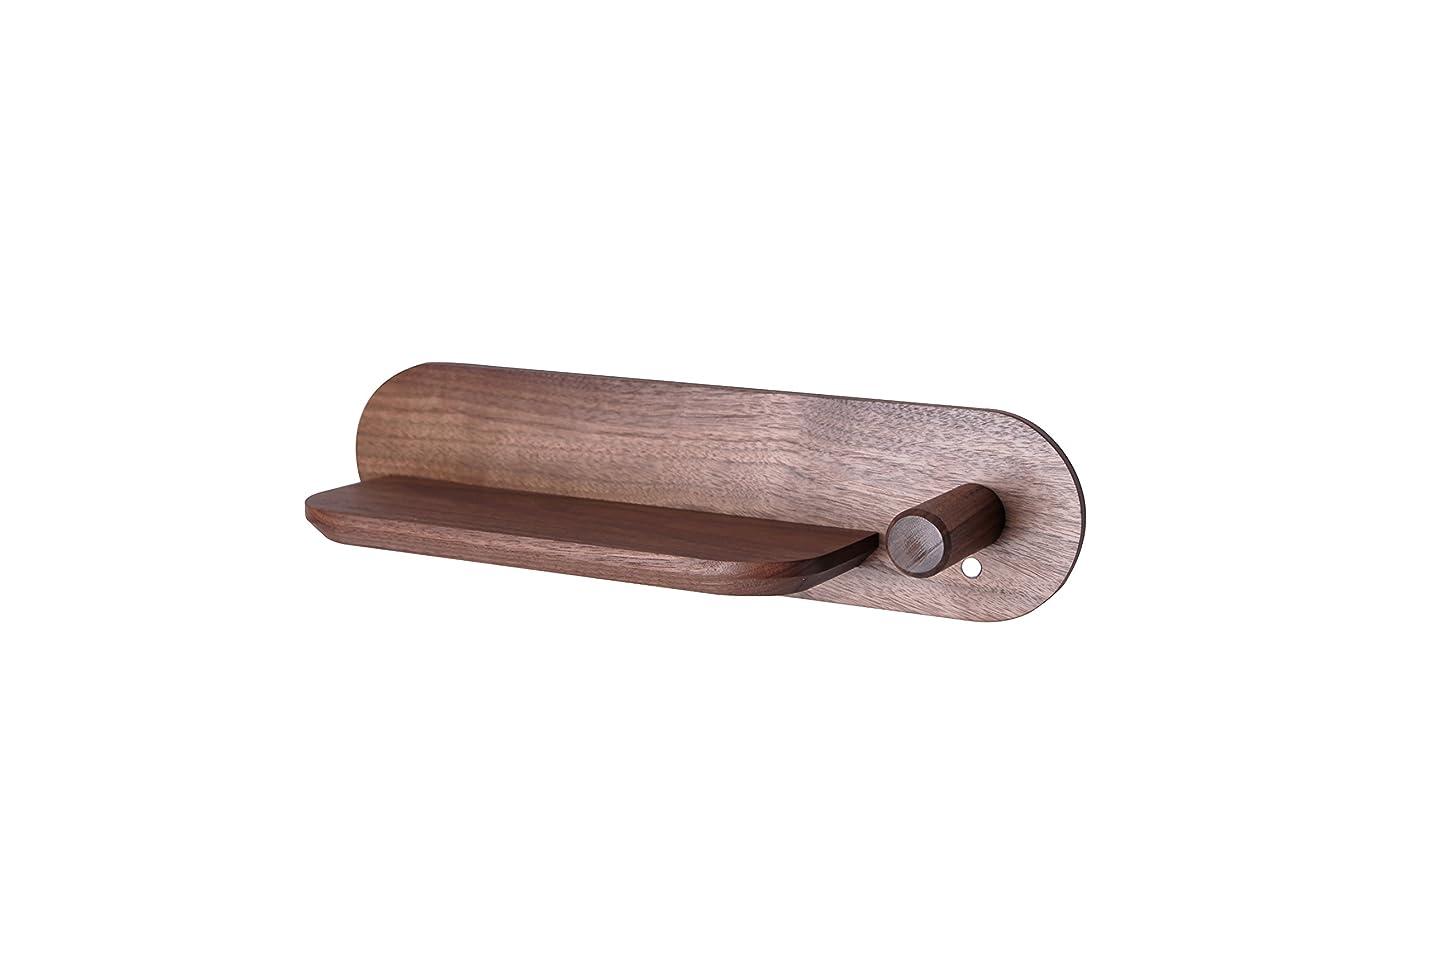 先比喩見えない天然木 ドライヤースタンド ダイソン専用 壁掛けスタンド ダイソンドライヤー コーティング ダイソン ドライヤー 磁力 木材 収納 壁掛け ドライヤー置き (茶, 大)